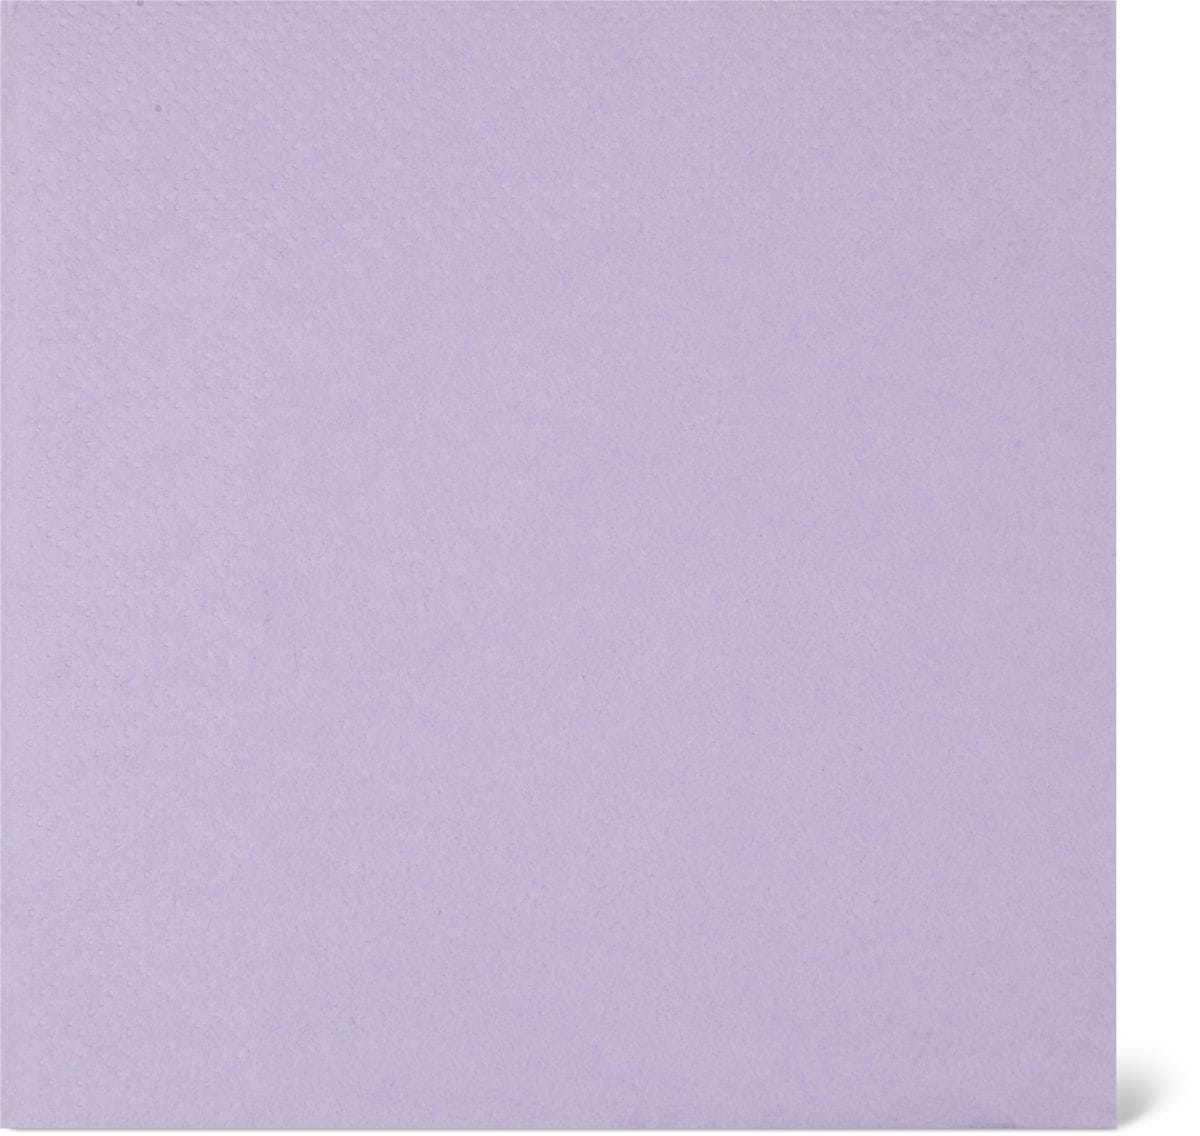 Cucina & Tavola Serviettes en papier, 24x24cm